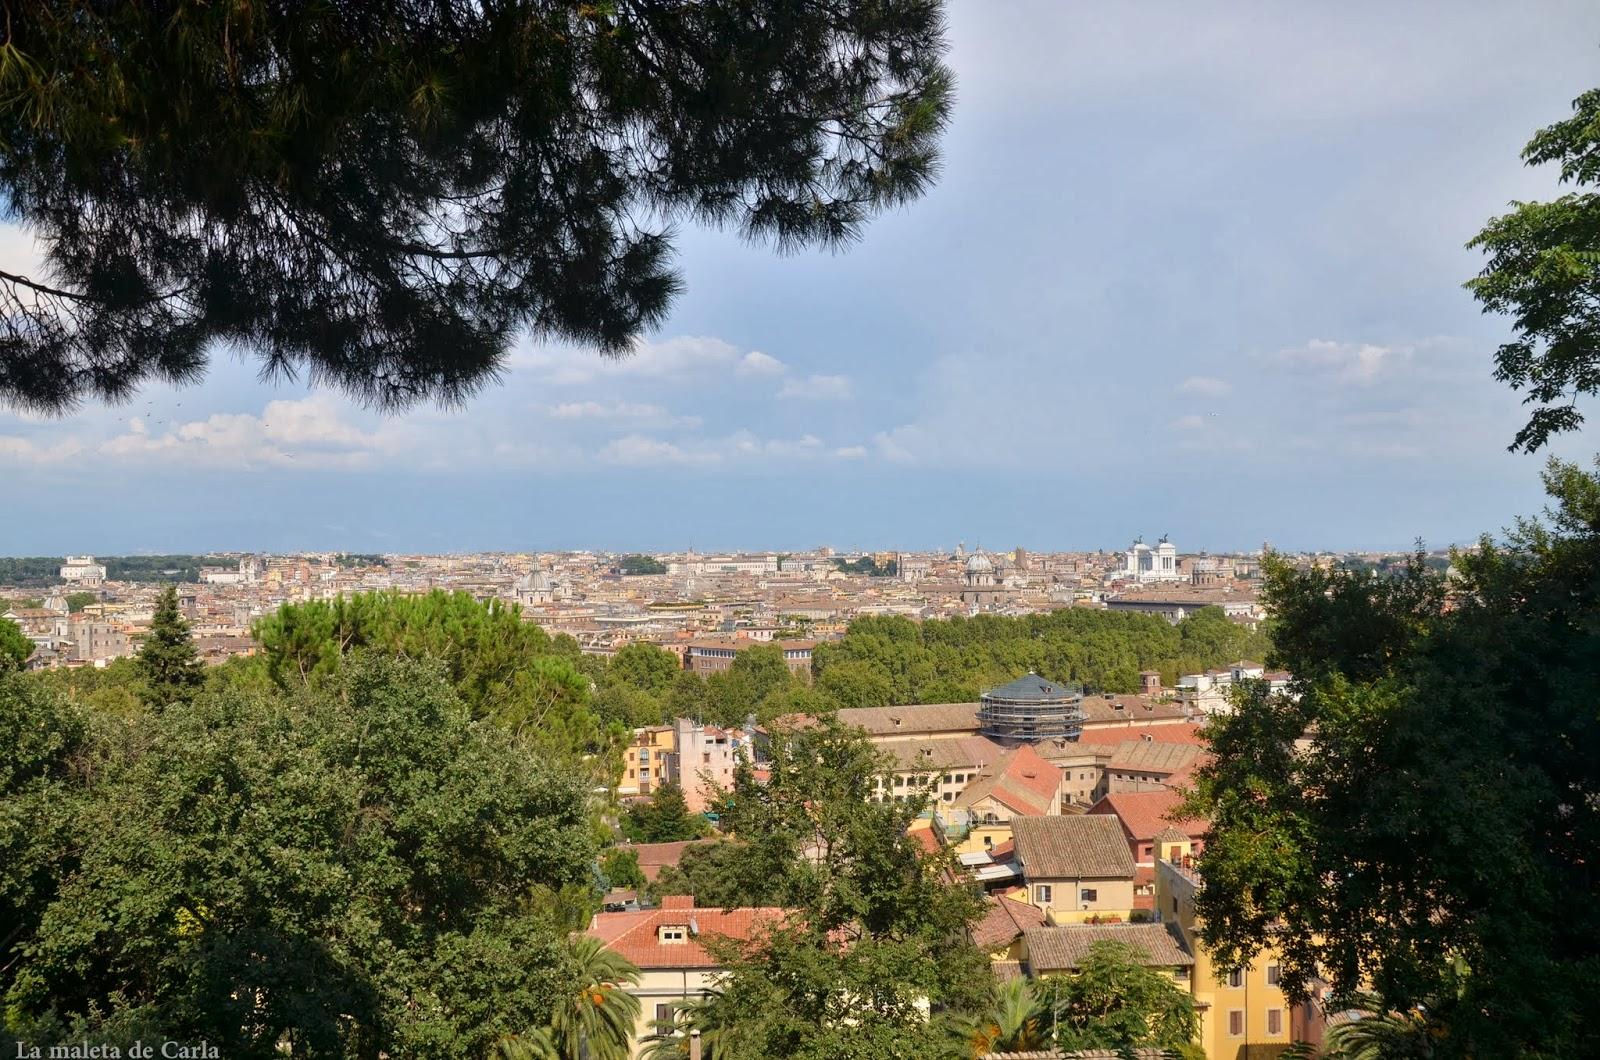 Alquilar una moto en Roma: vistas de la ciudad